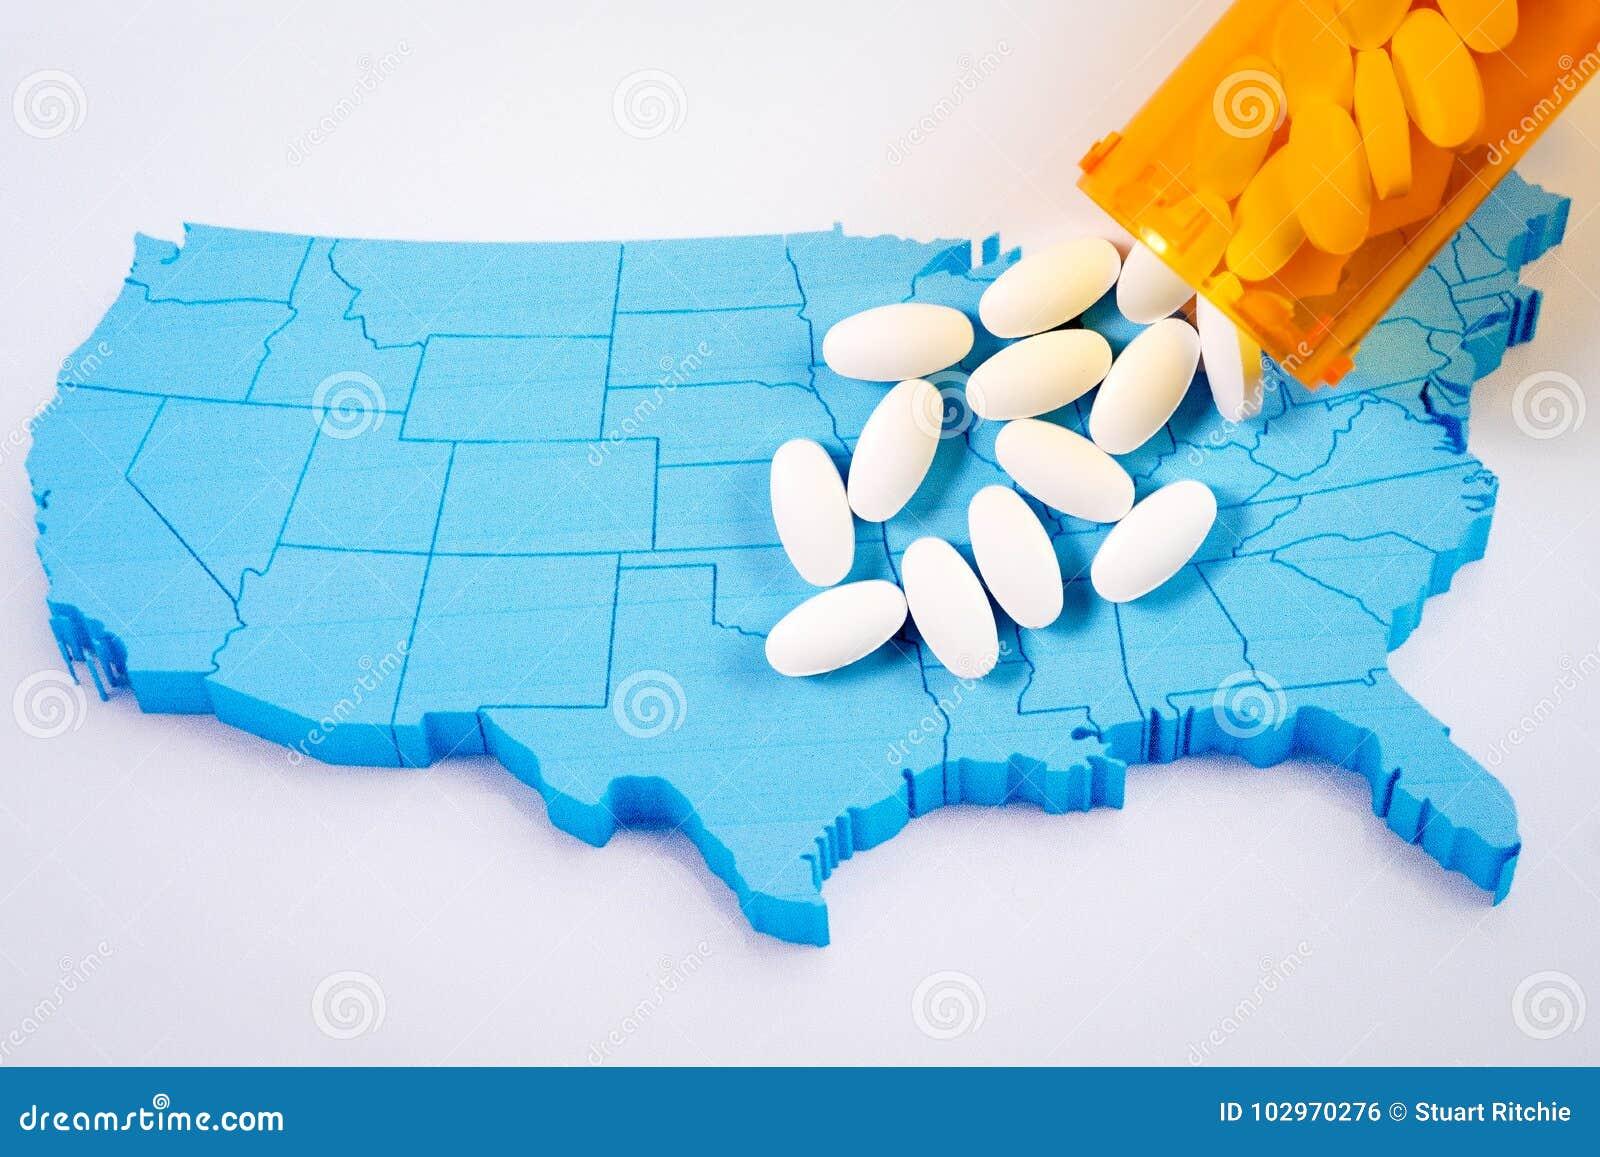 Pilules pharmaceutiques blanches débordant la bouteille de prescription au-dessus de la carte du fond de l Amérique